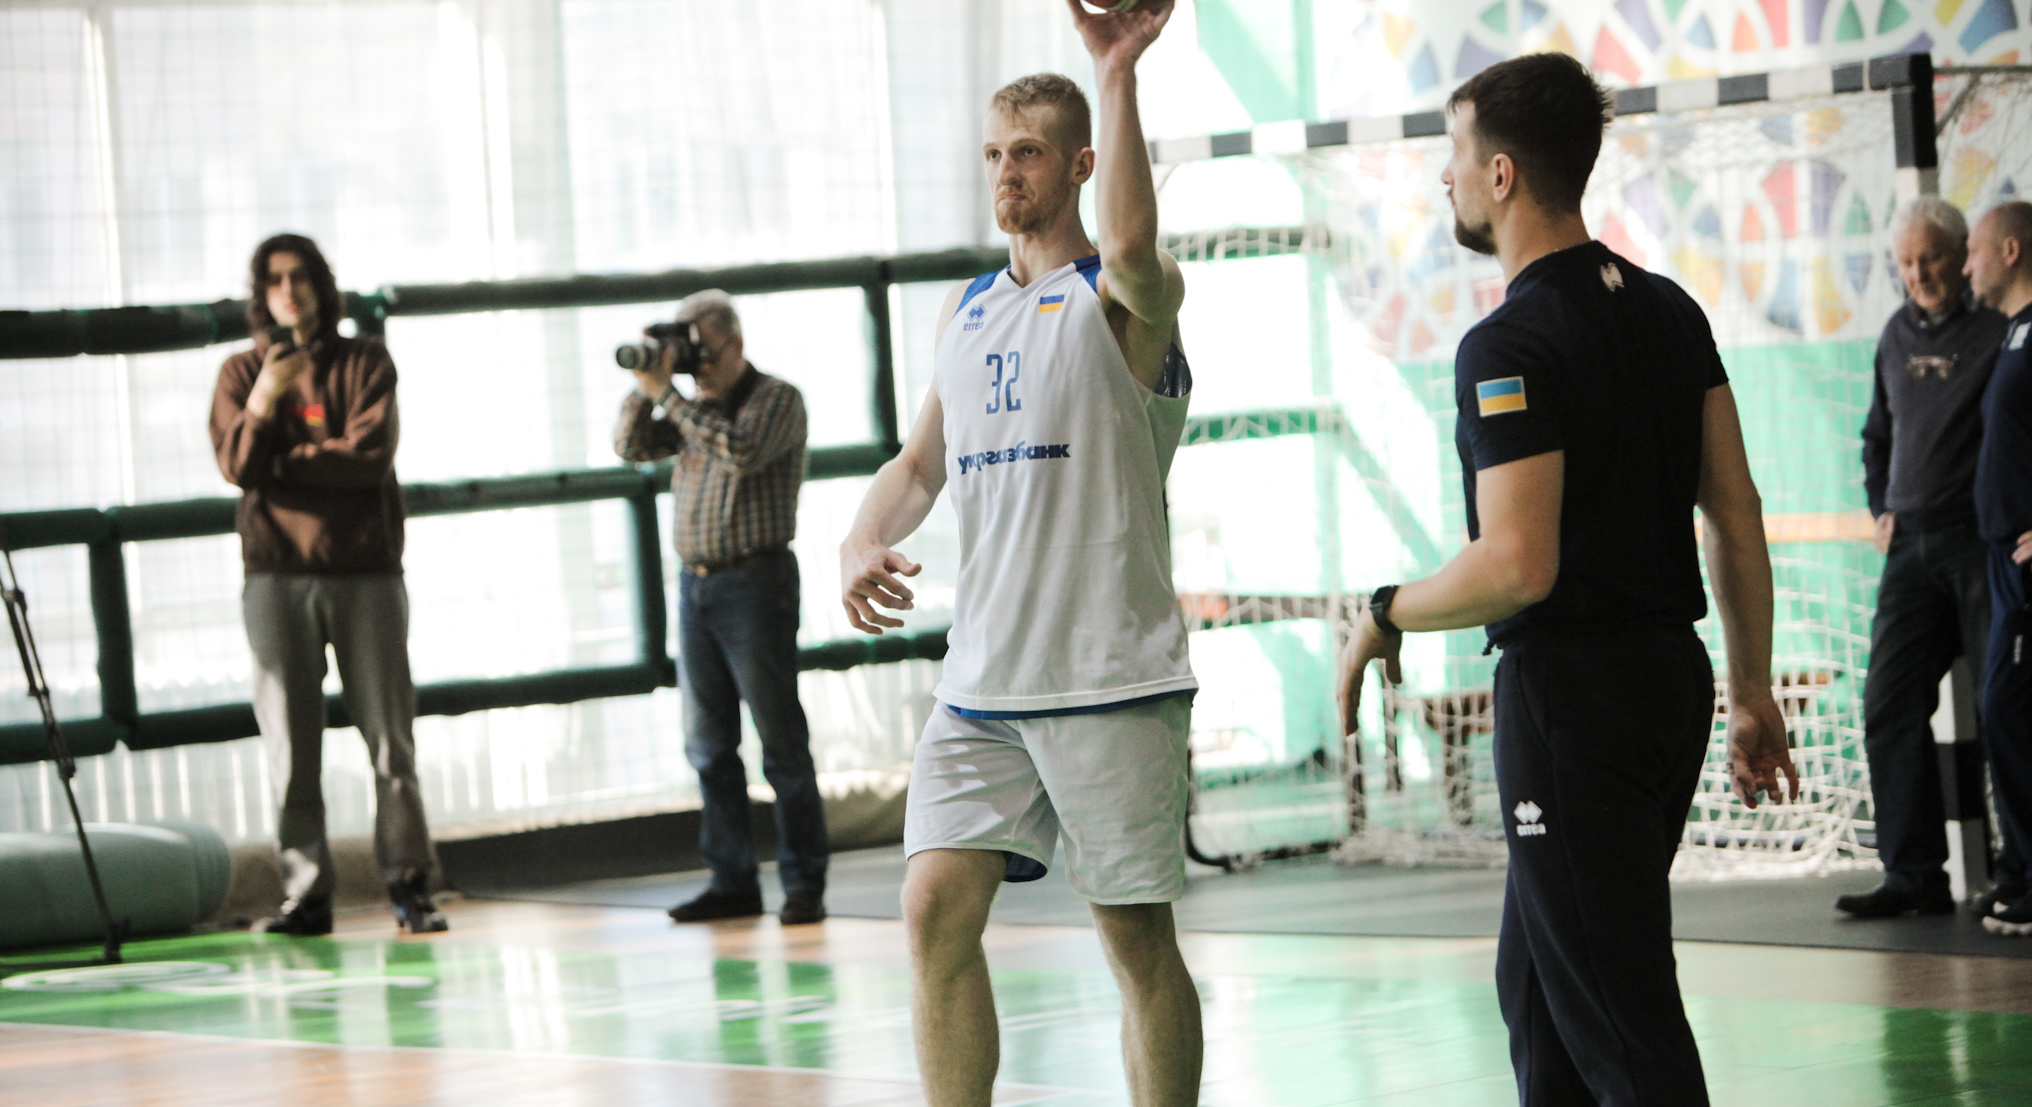 Богдан Близнюк: гравці та тренери роблять усе, щоб у збірній я почував себе комфортно